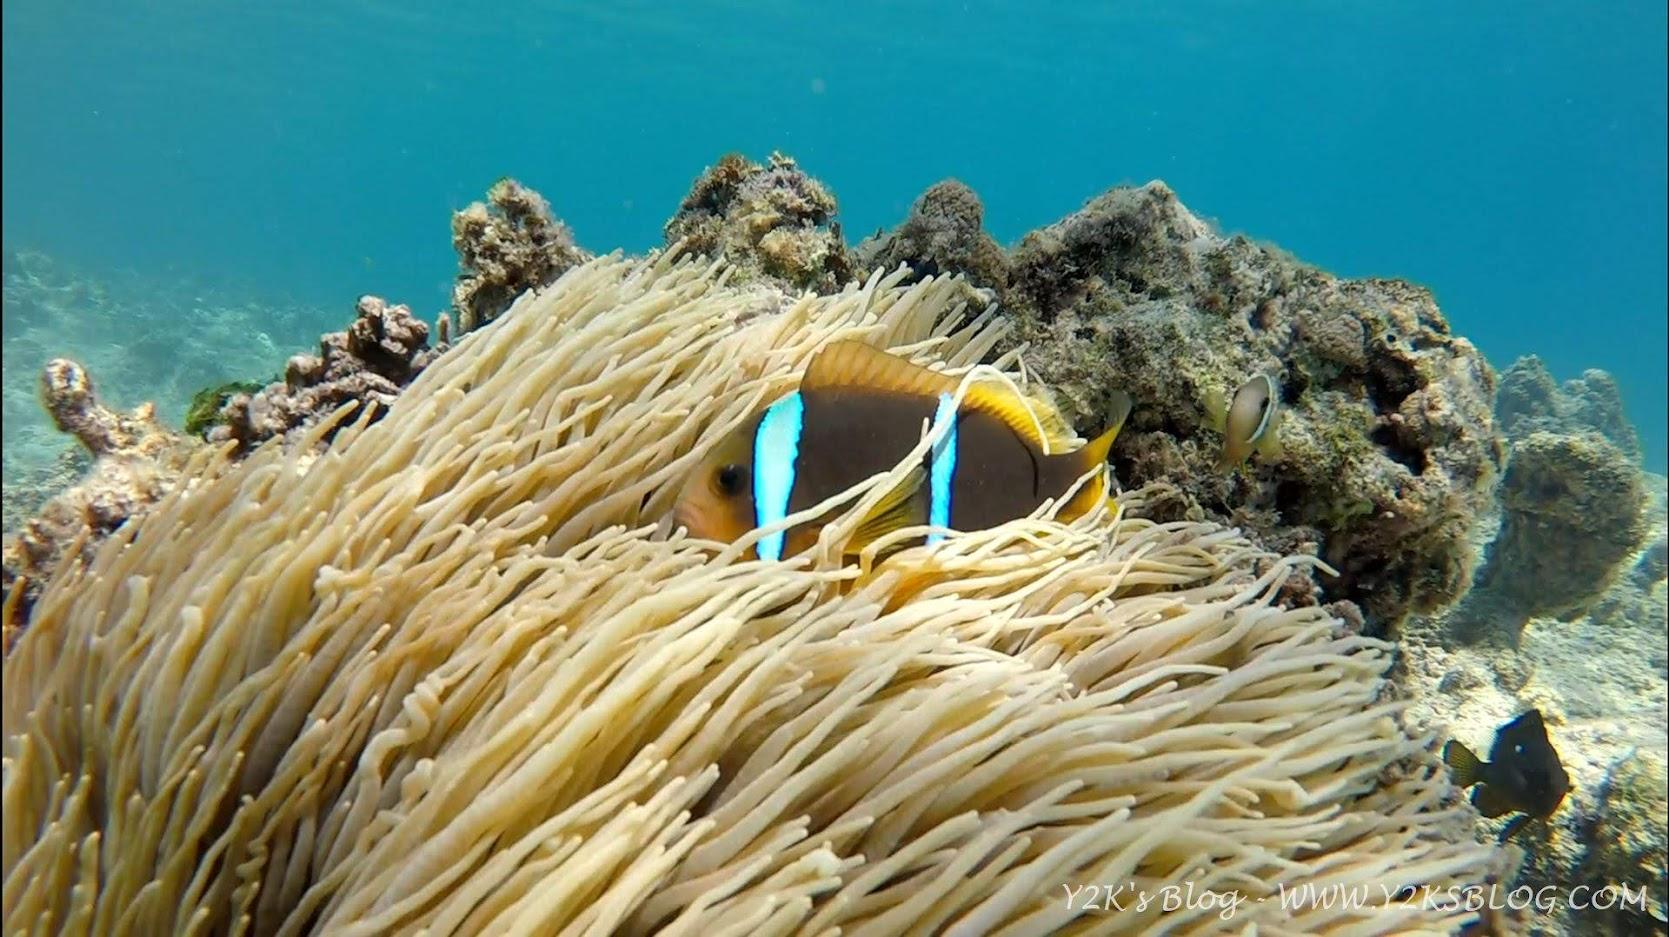 Pesce clown nella sua anemone - Port Maurelle